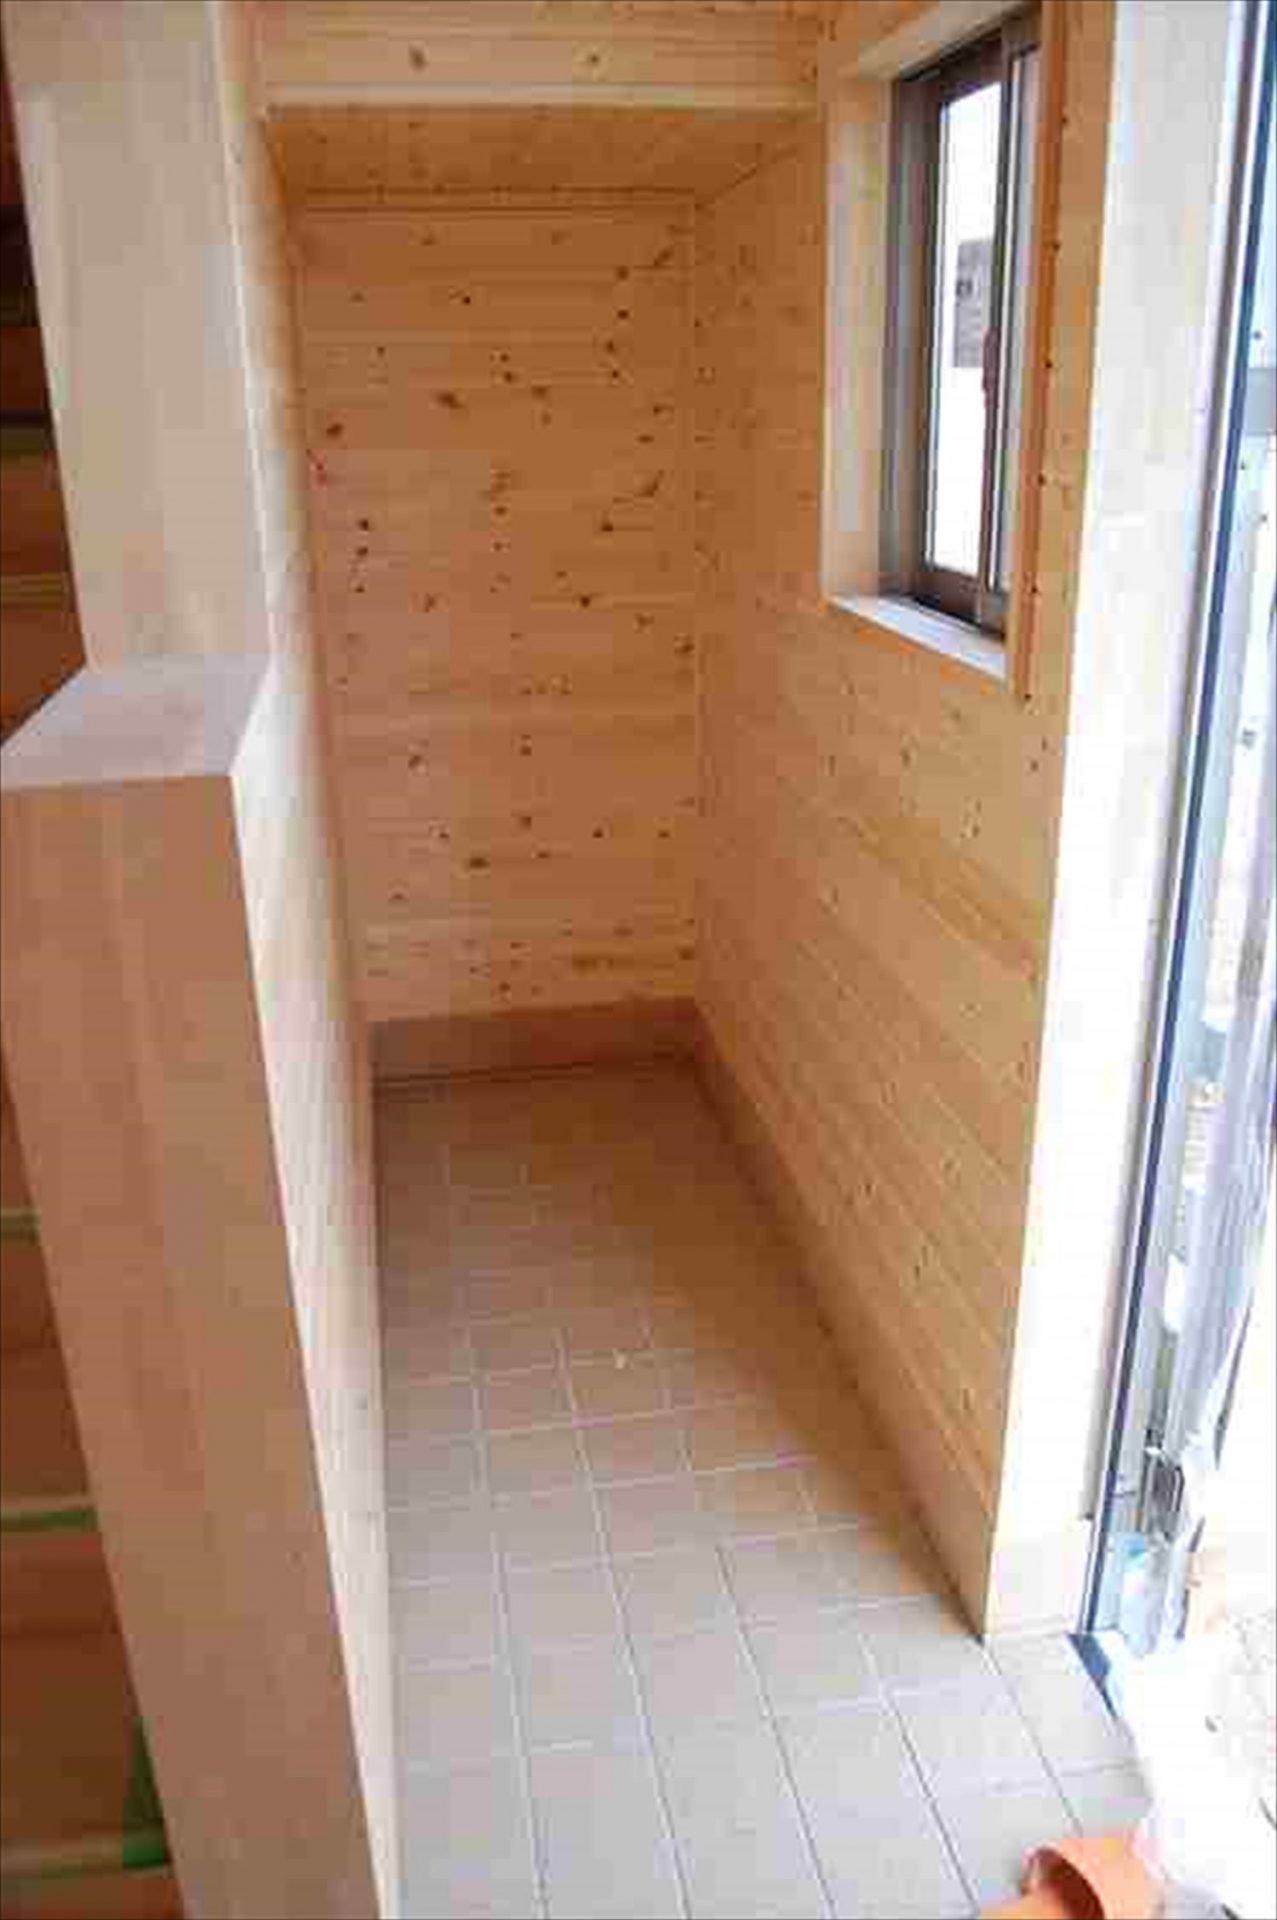 二階建て戸建て賃貸住宅の玄関|水戸市の注文住宅,ログハウスのような木の家を低価格で建てるならエイ・ワン